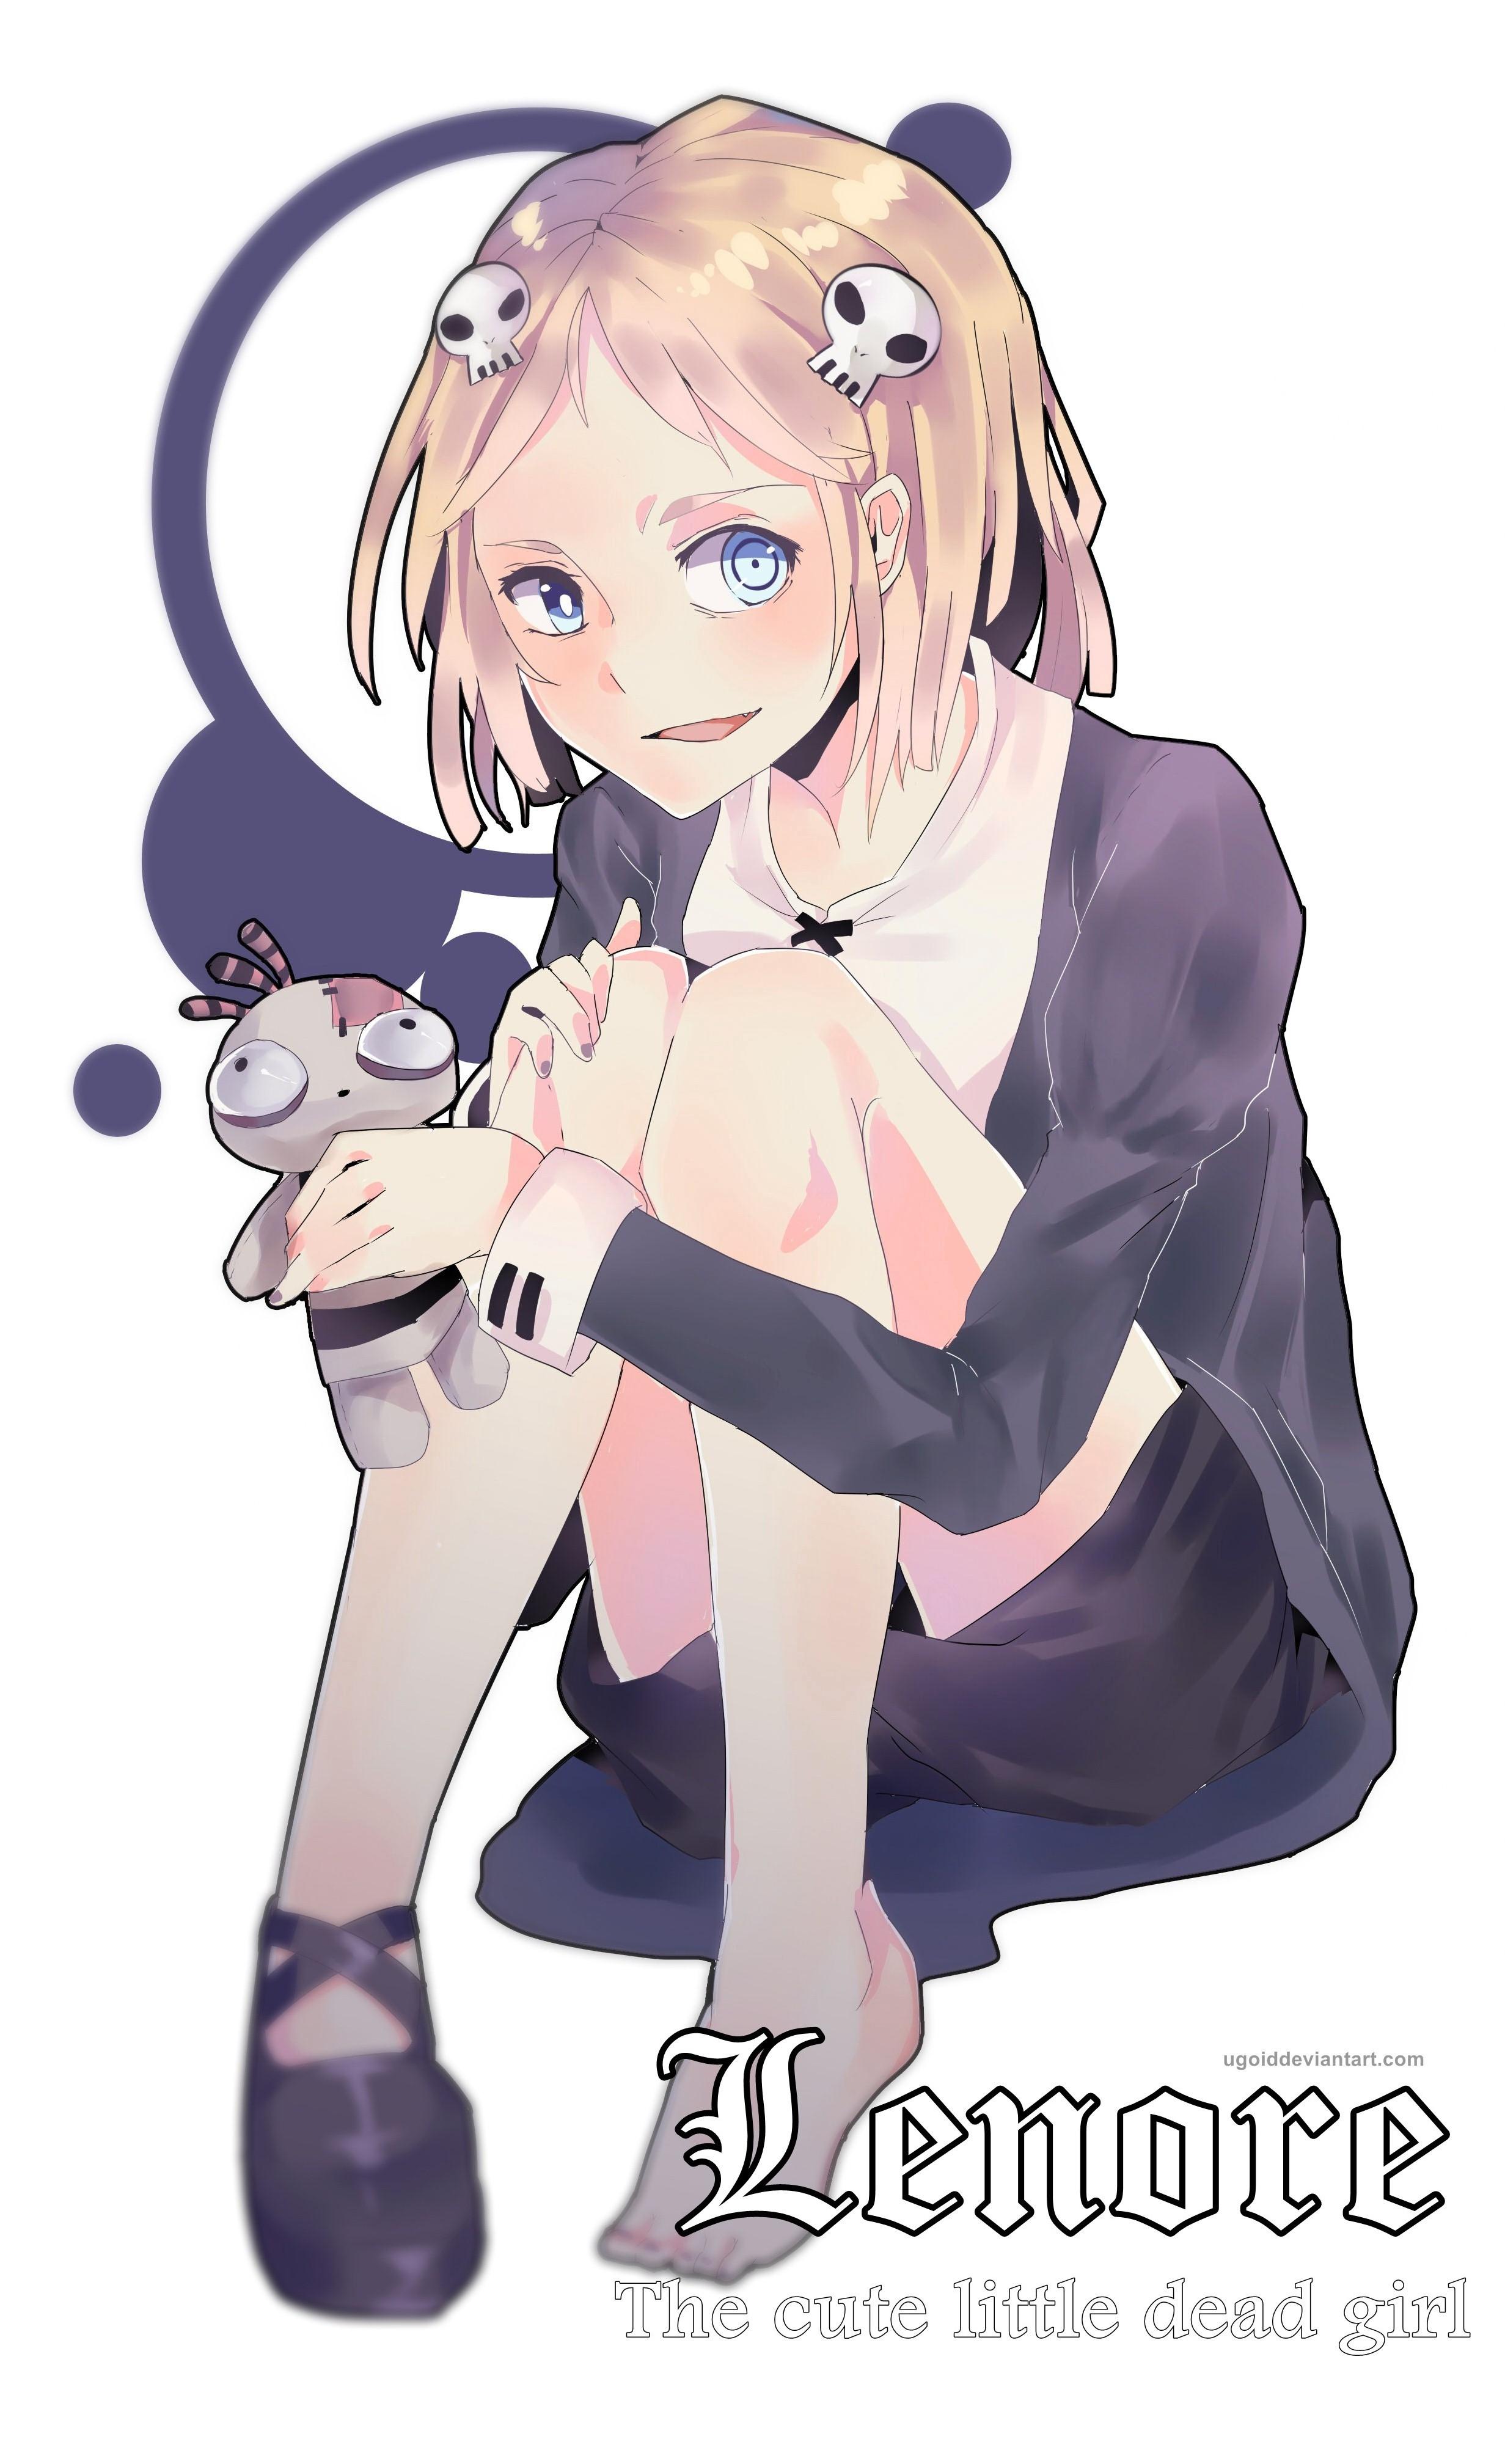 Lenore The Cute Little Dead Girl Mobile Wallpaper 1703718